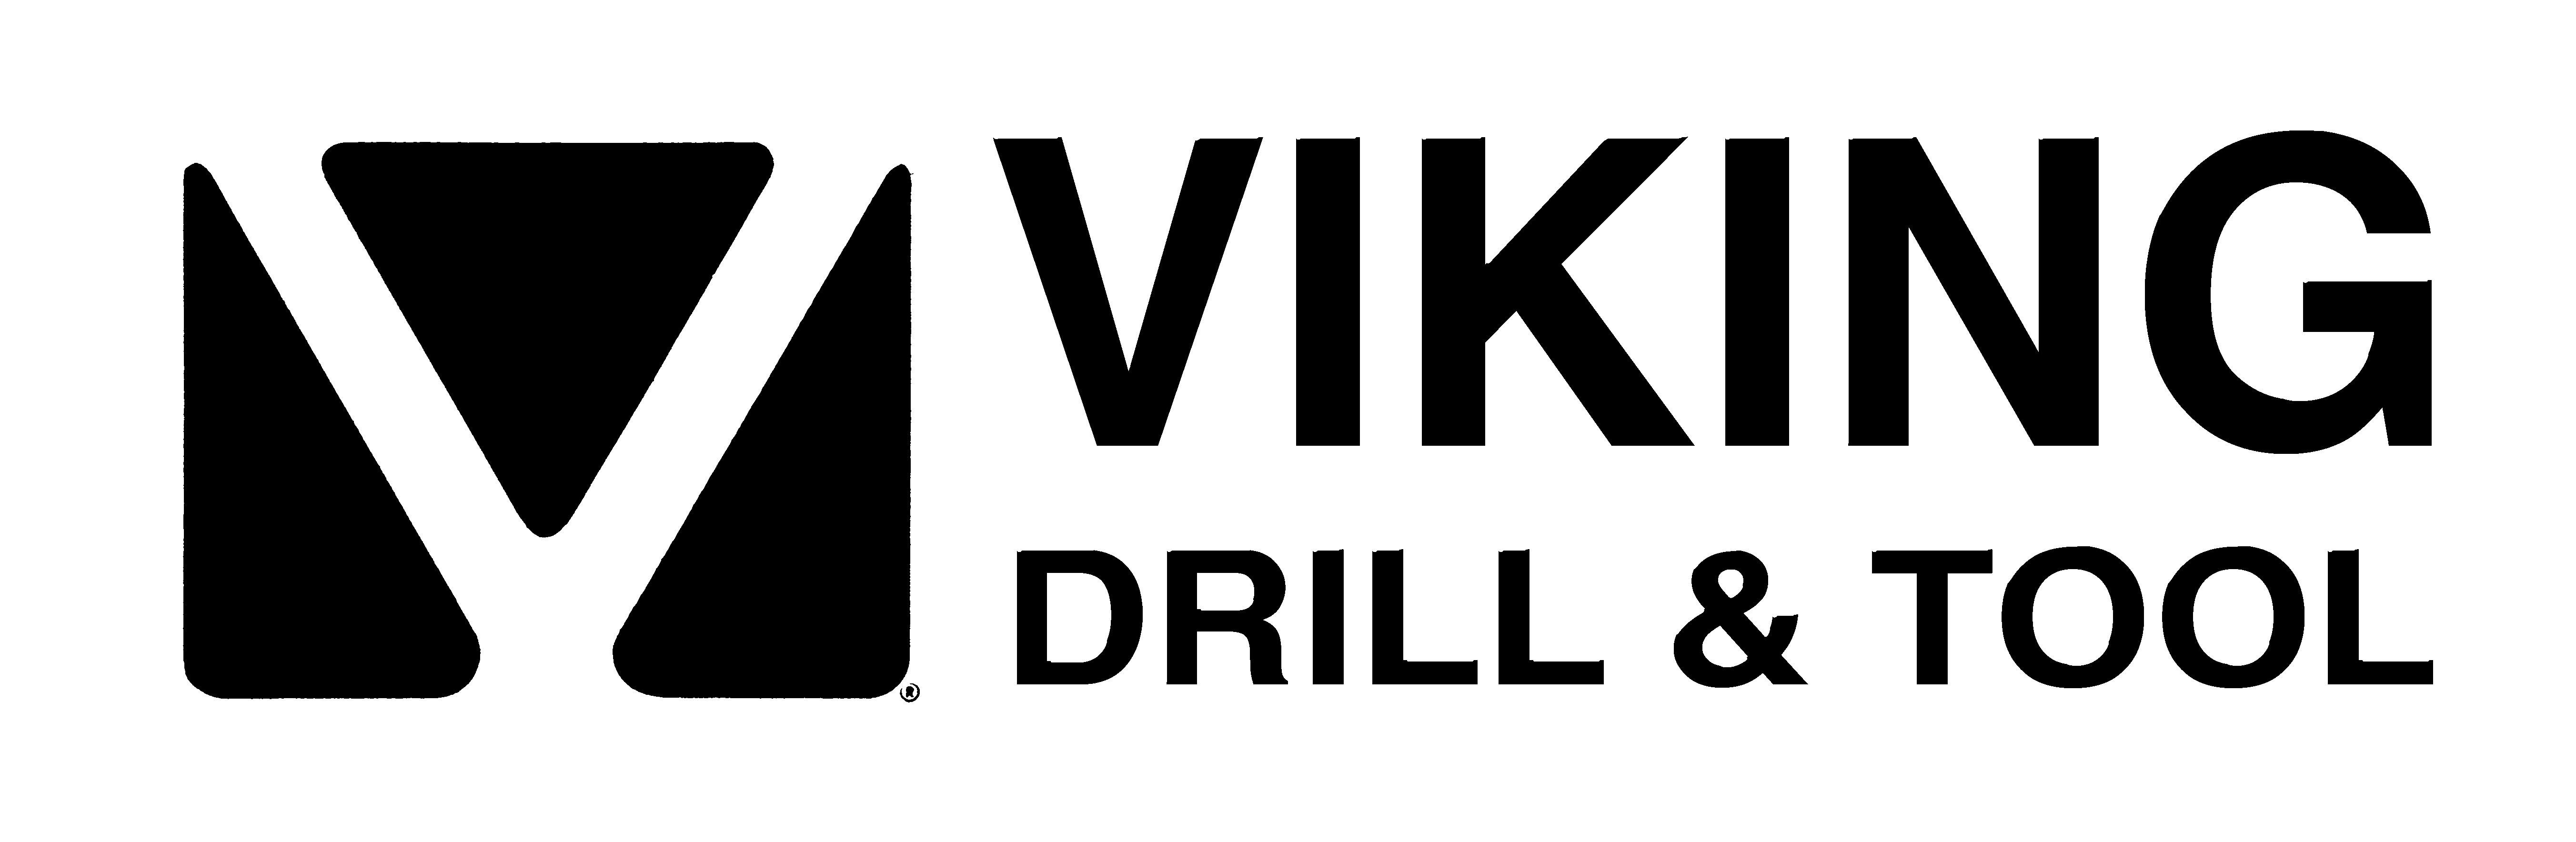 http://www.vikingdrill.com/